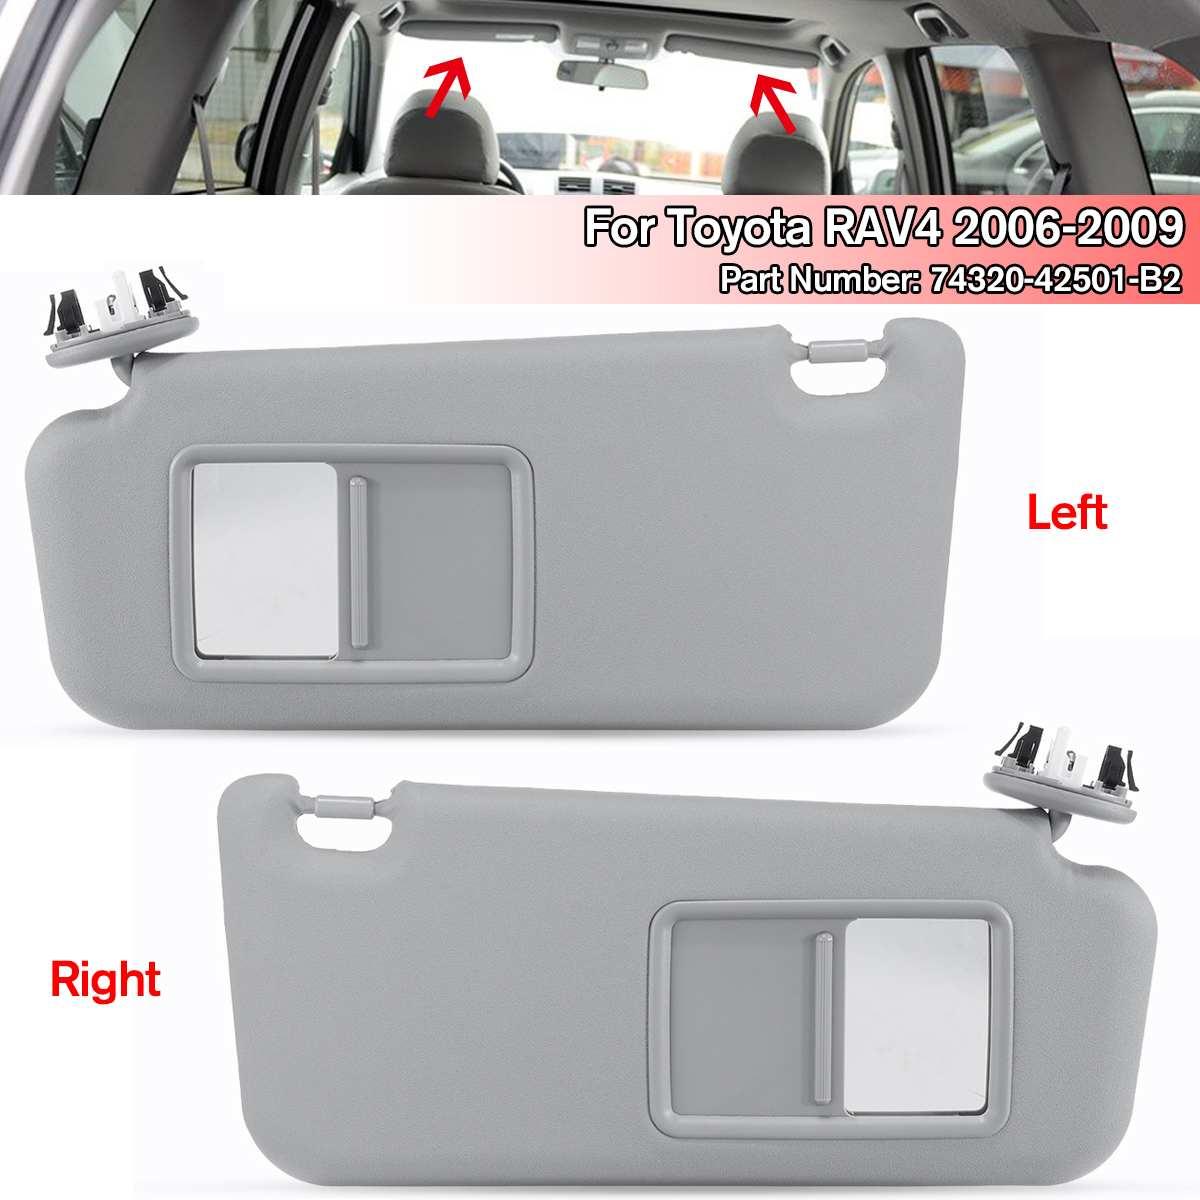 1 pièces pare-soleil intérieur gauche/droite Console aérienne d'origine pare-soleil avec miroir pour Toyota RAV4 2006-2009 74320-42501-B2